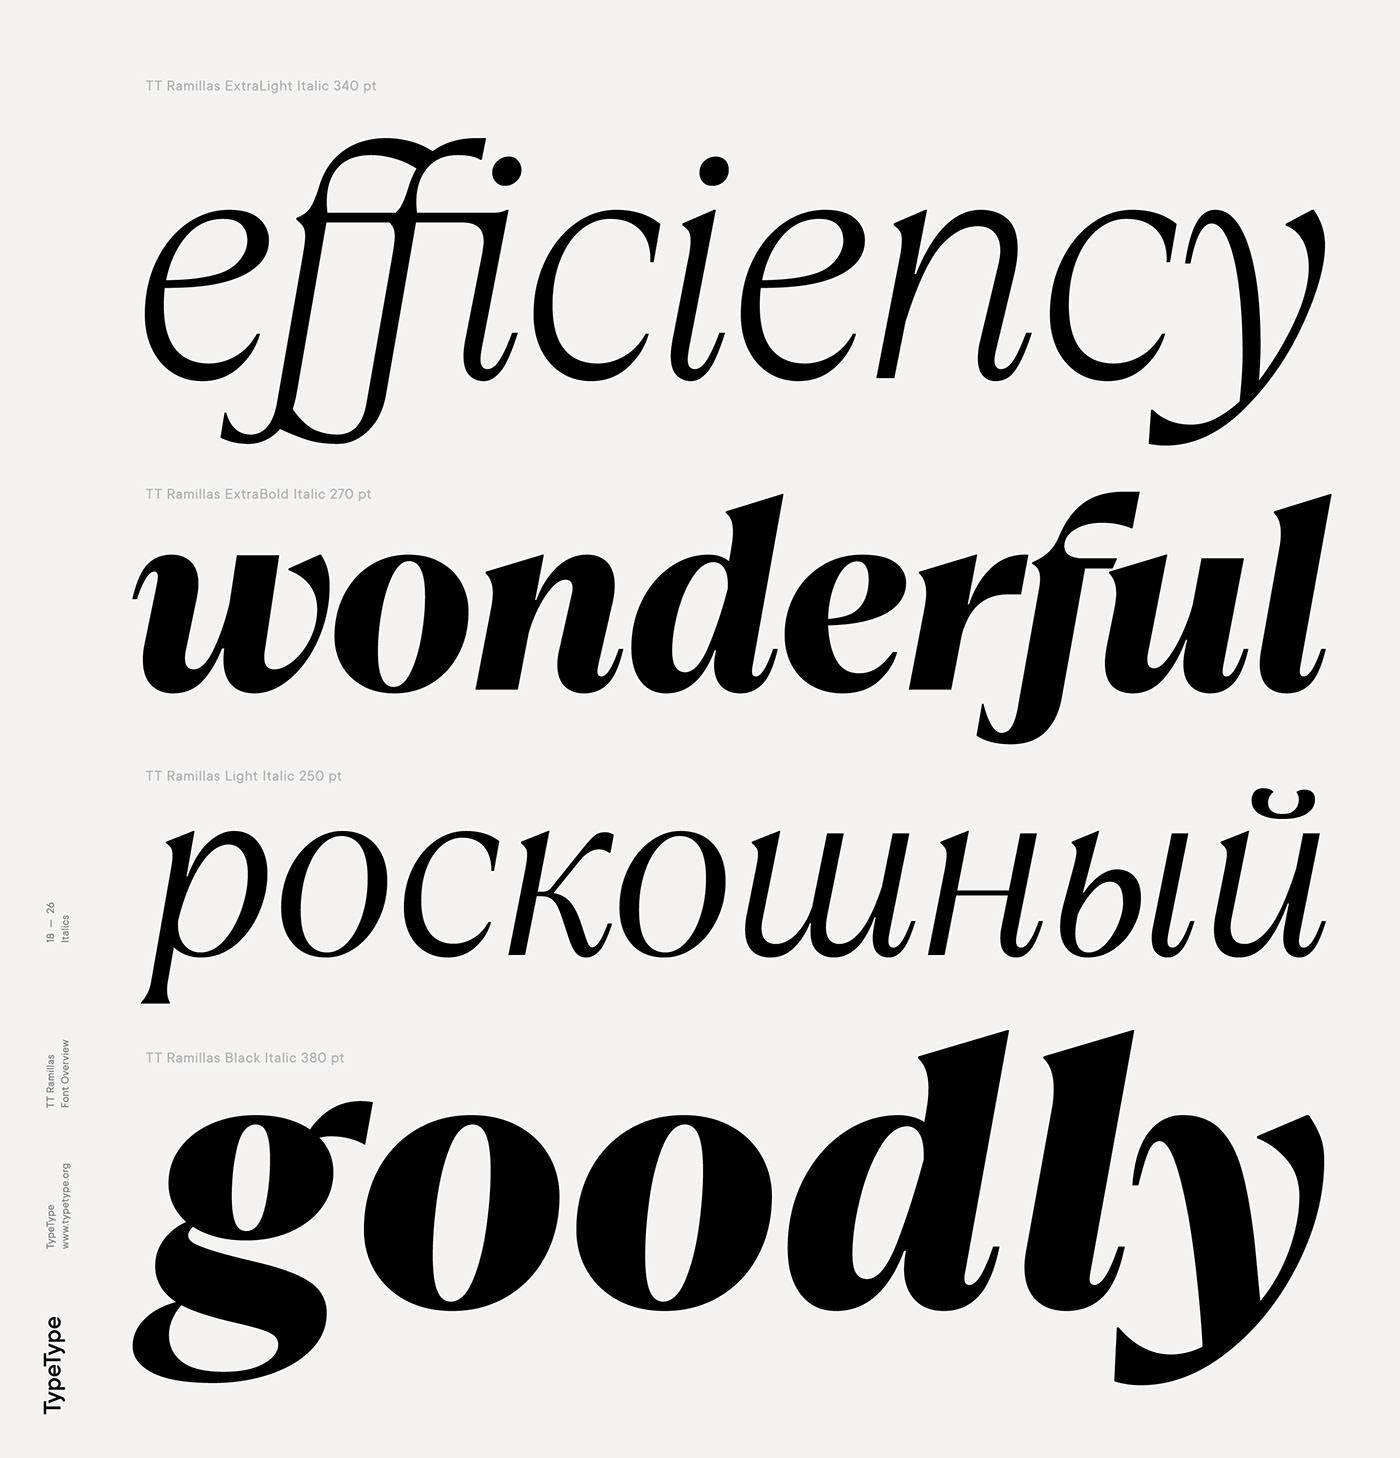 时尚海报标题文字设计衬线英文字体素材 Ramillas Typeface插图(6)